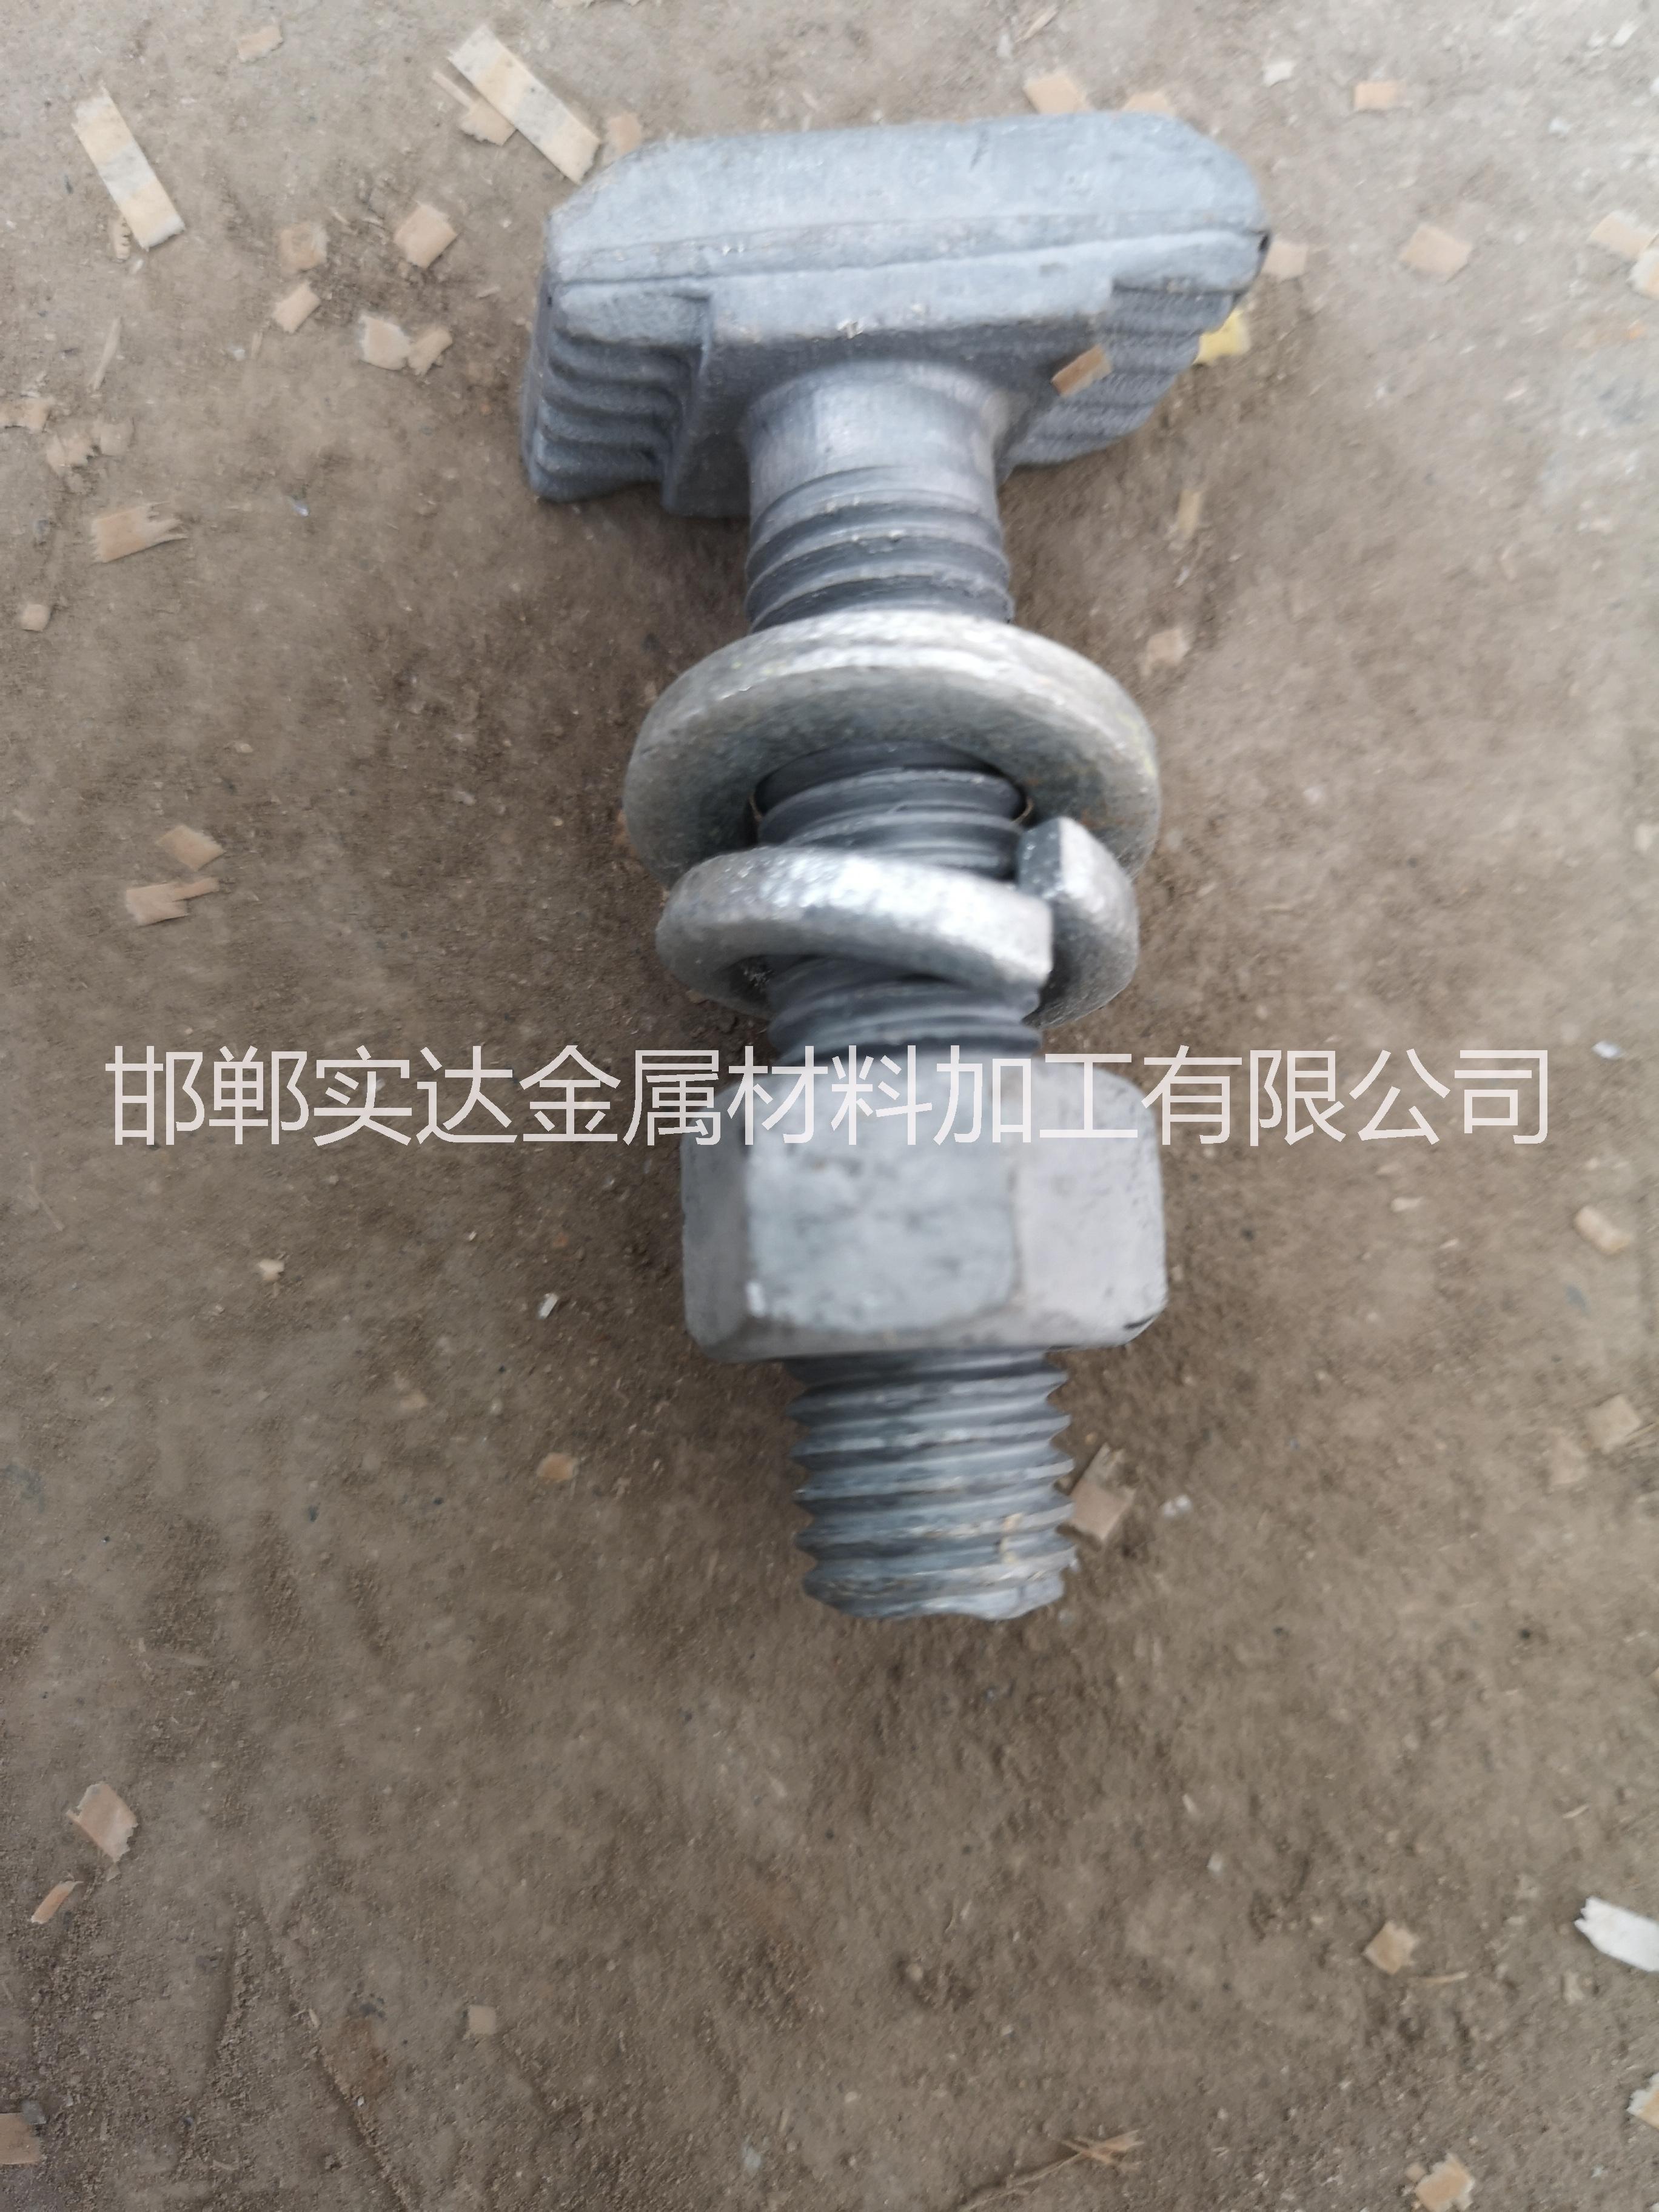 T型螺栓,哈芬槽厂家,河北哈芬槽螺栓,永年哈芬槽螺栓批发,哈芬槽螺栓批发